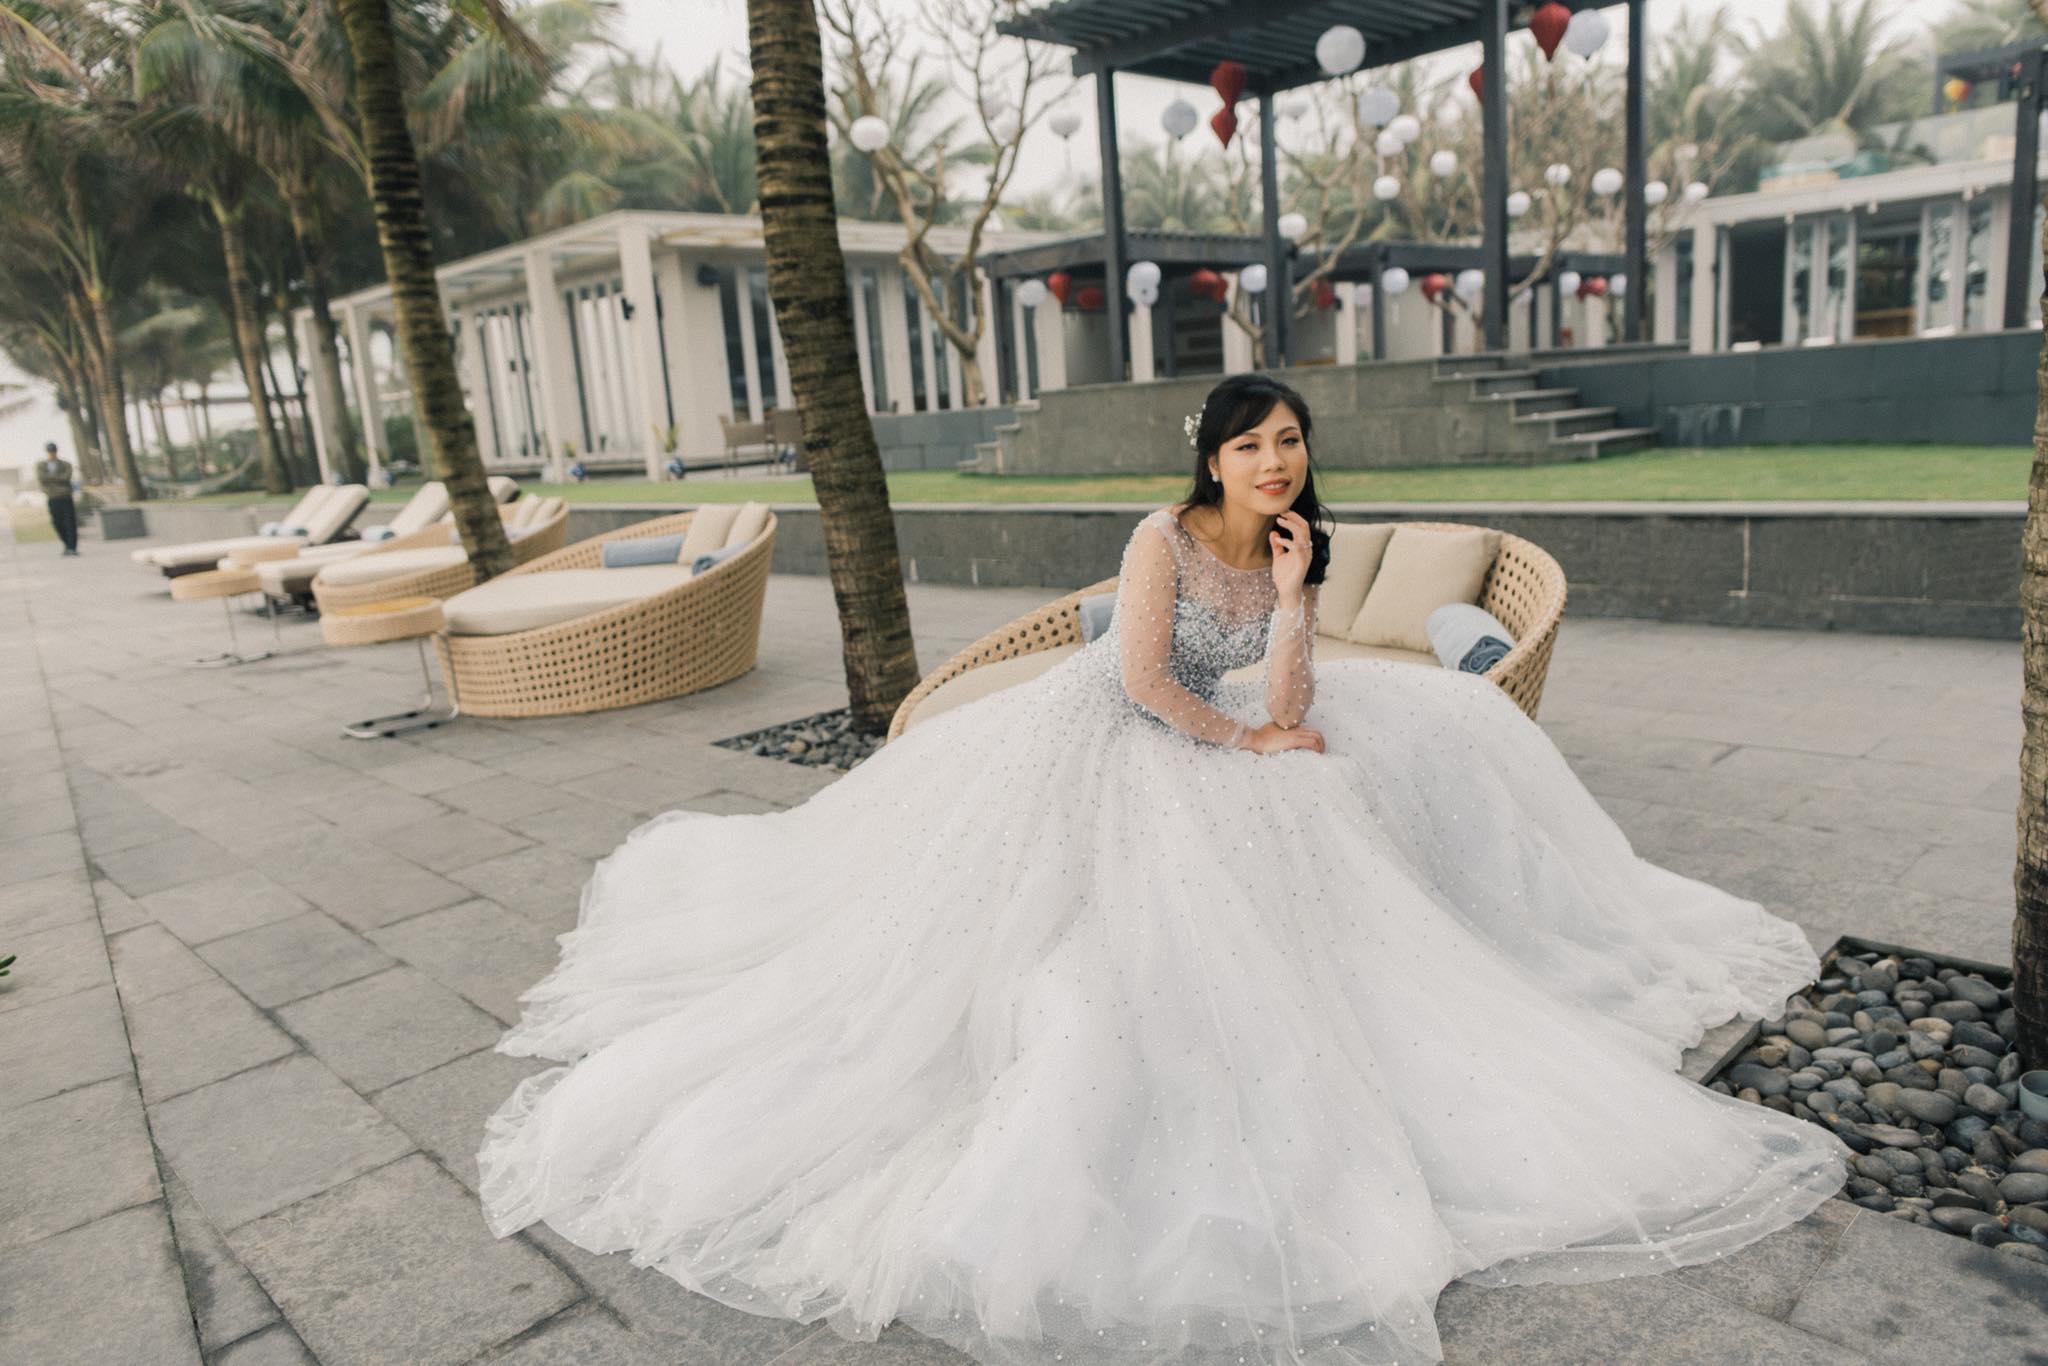 Nếu có ý định tìm cho mình một chiếc váy cưới thật chất, đây là gợi ý cho bạn - Ảnh 8.